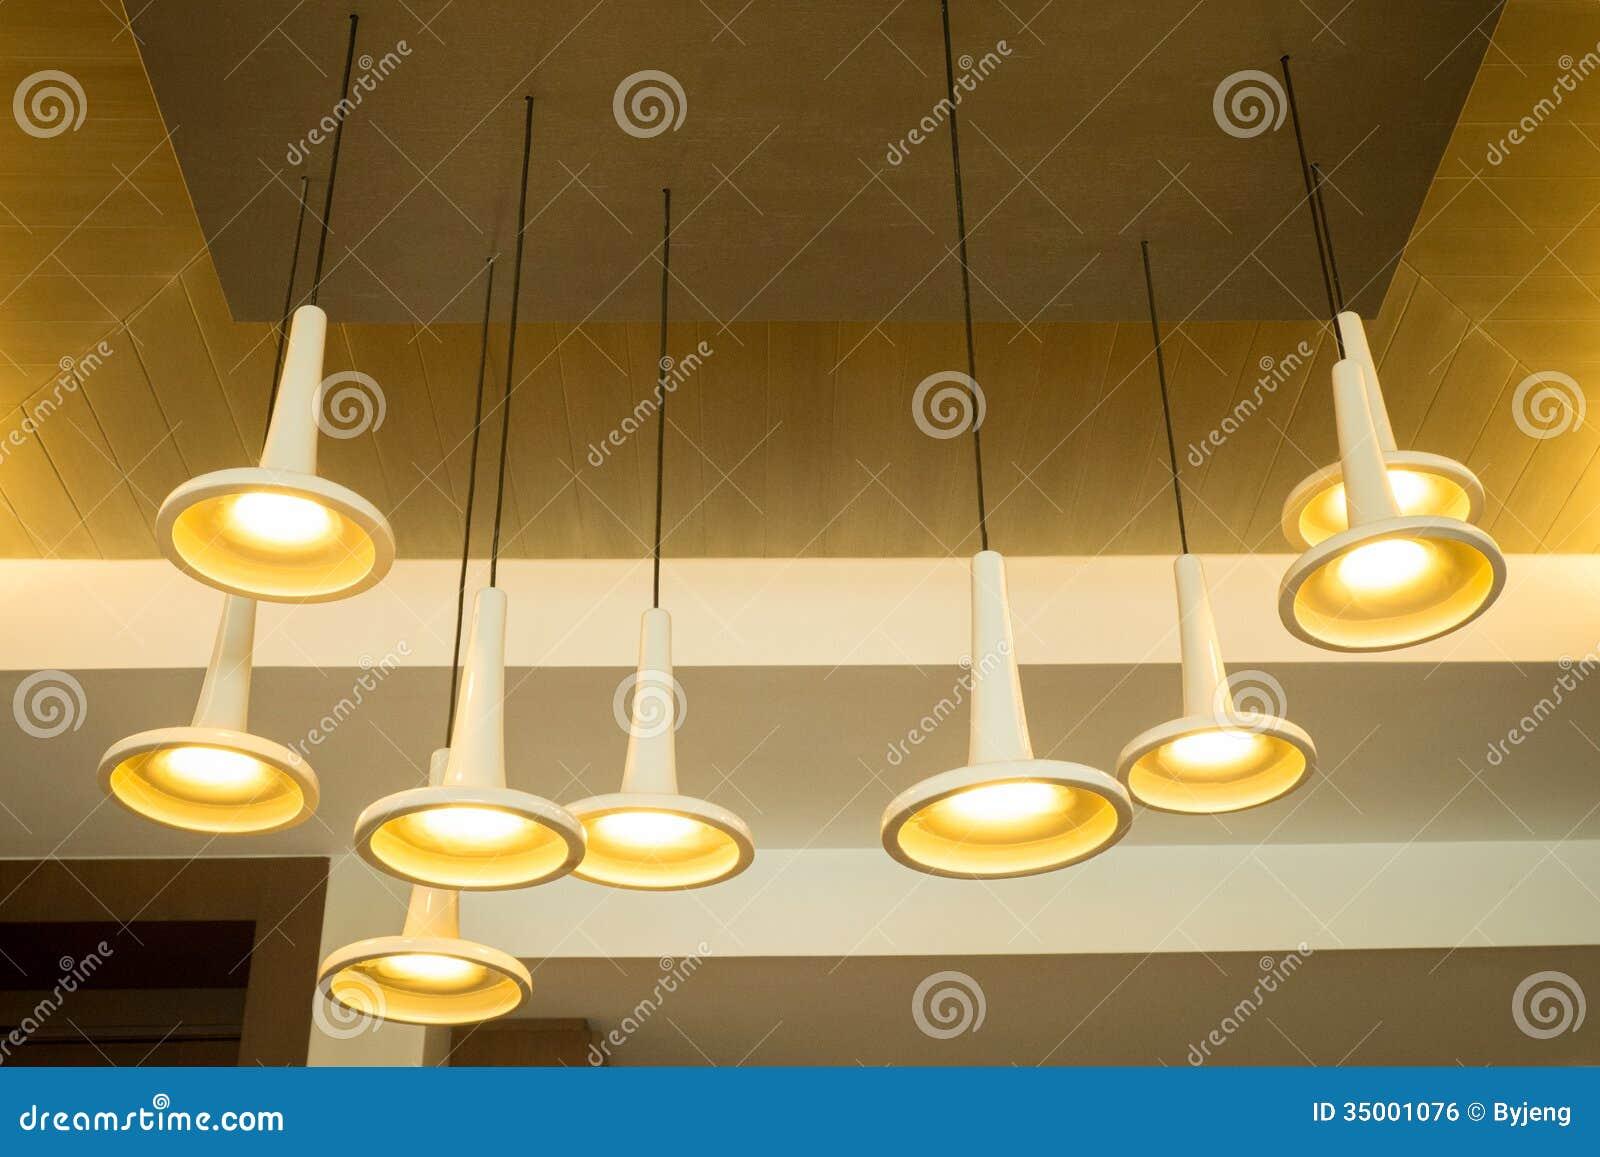 Modern Hanging Lamps Royalty Free Stock Image Image